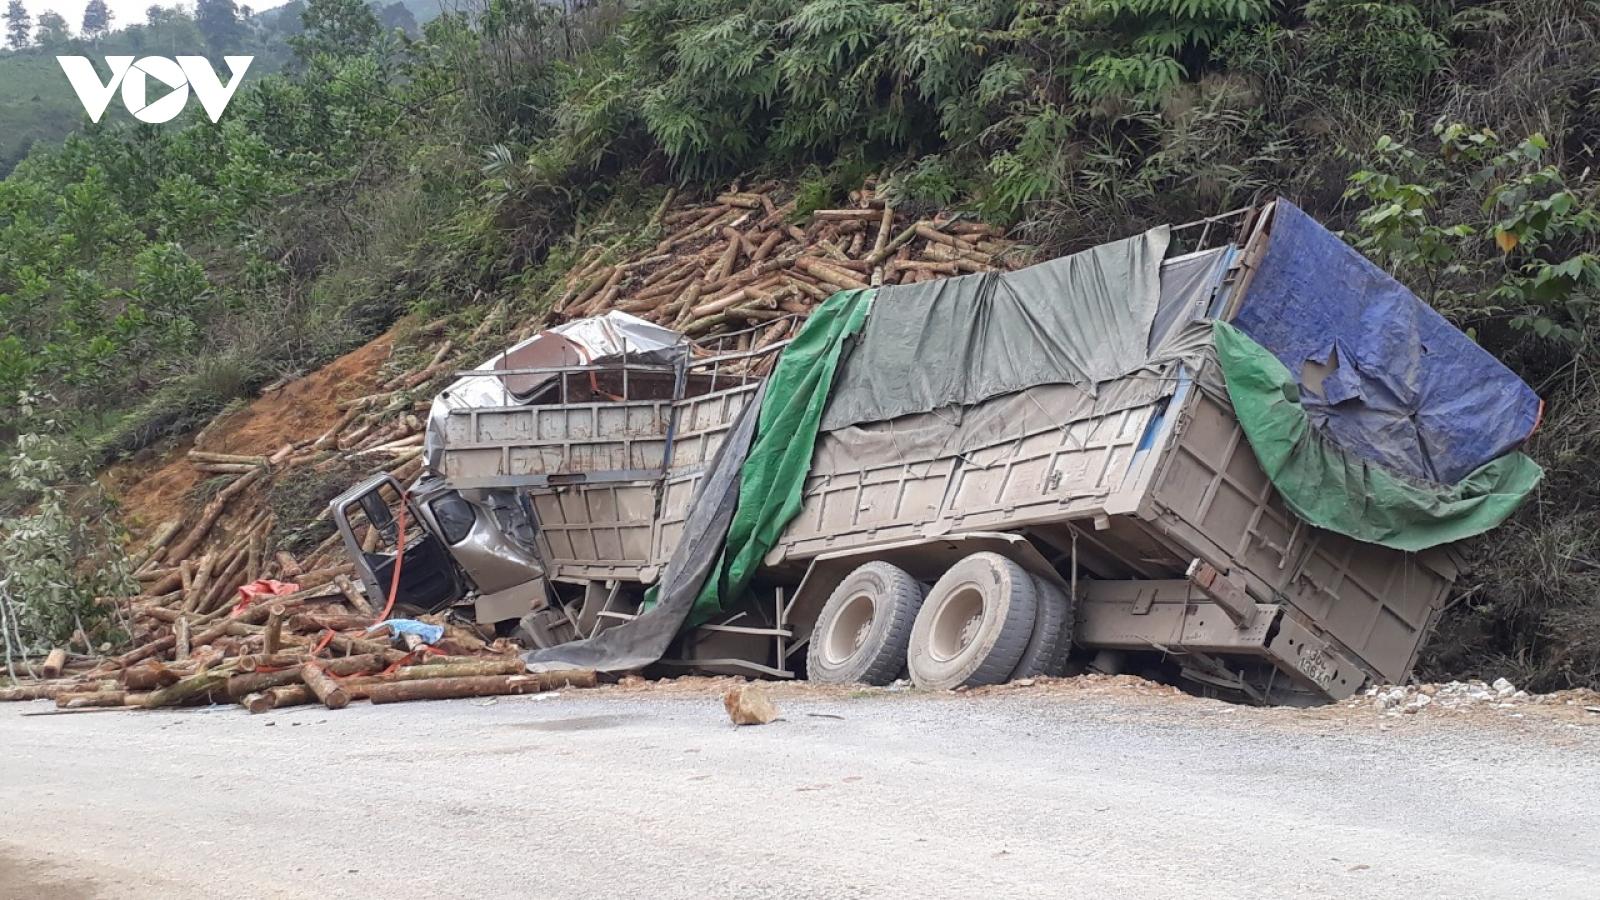 Hiện trường vụ TNGT nghiêm trọng tại Lang Chánh, Thanh Hóa khiến 7 người tử vong